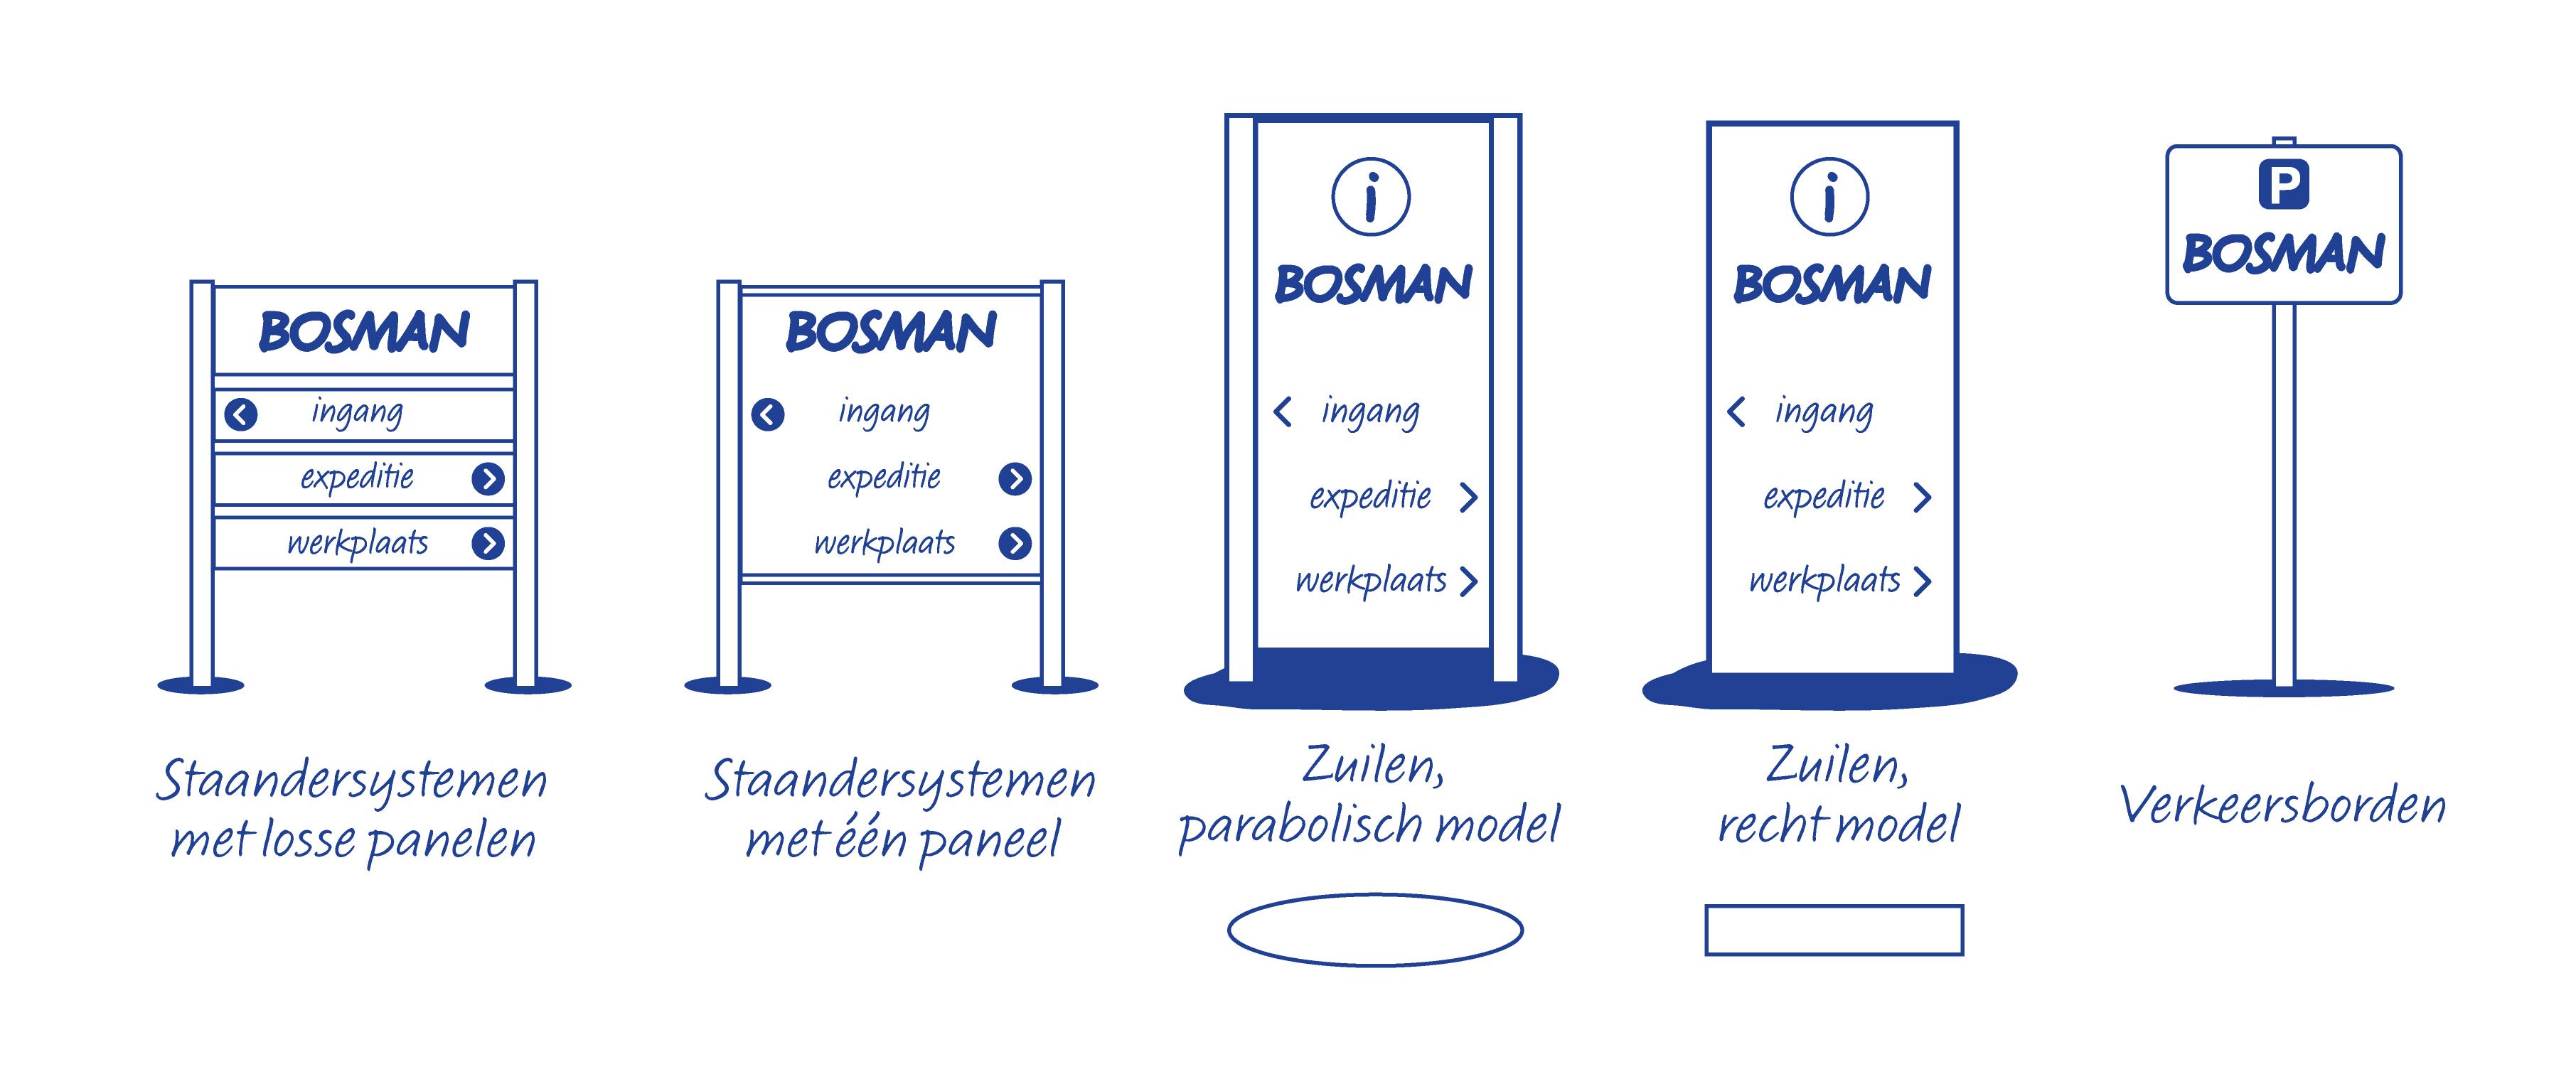 reclame-zuilen-2015